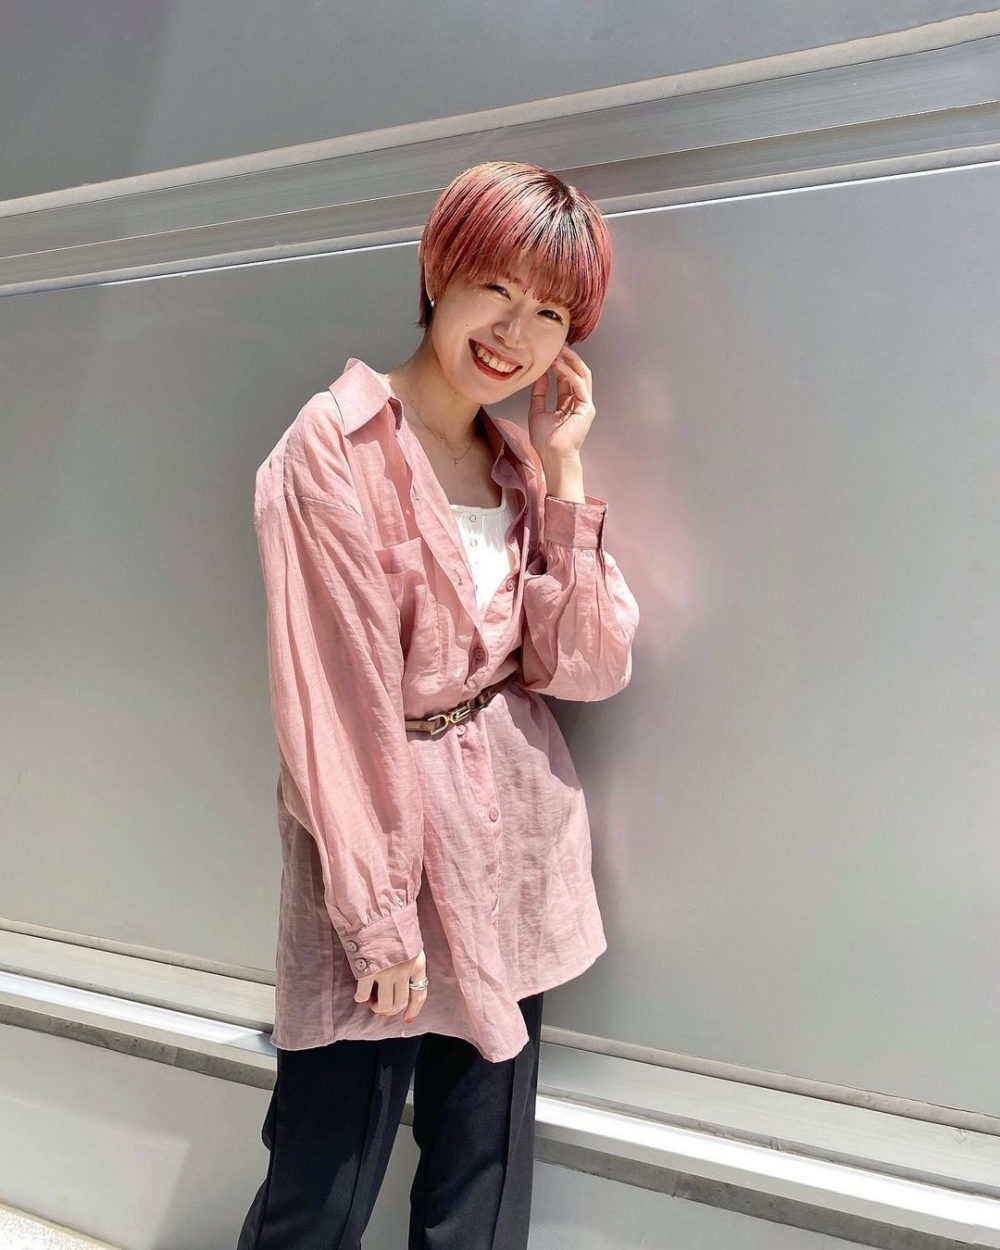 IG@nimo_raycassin